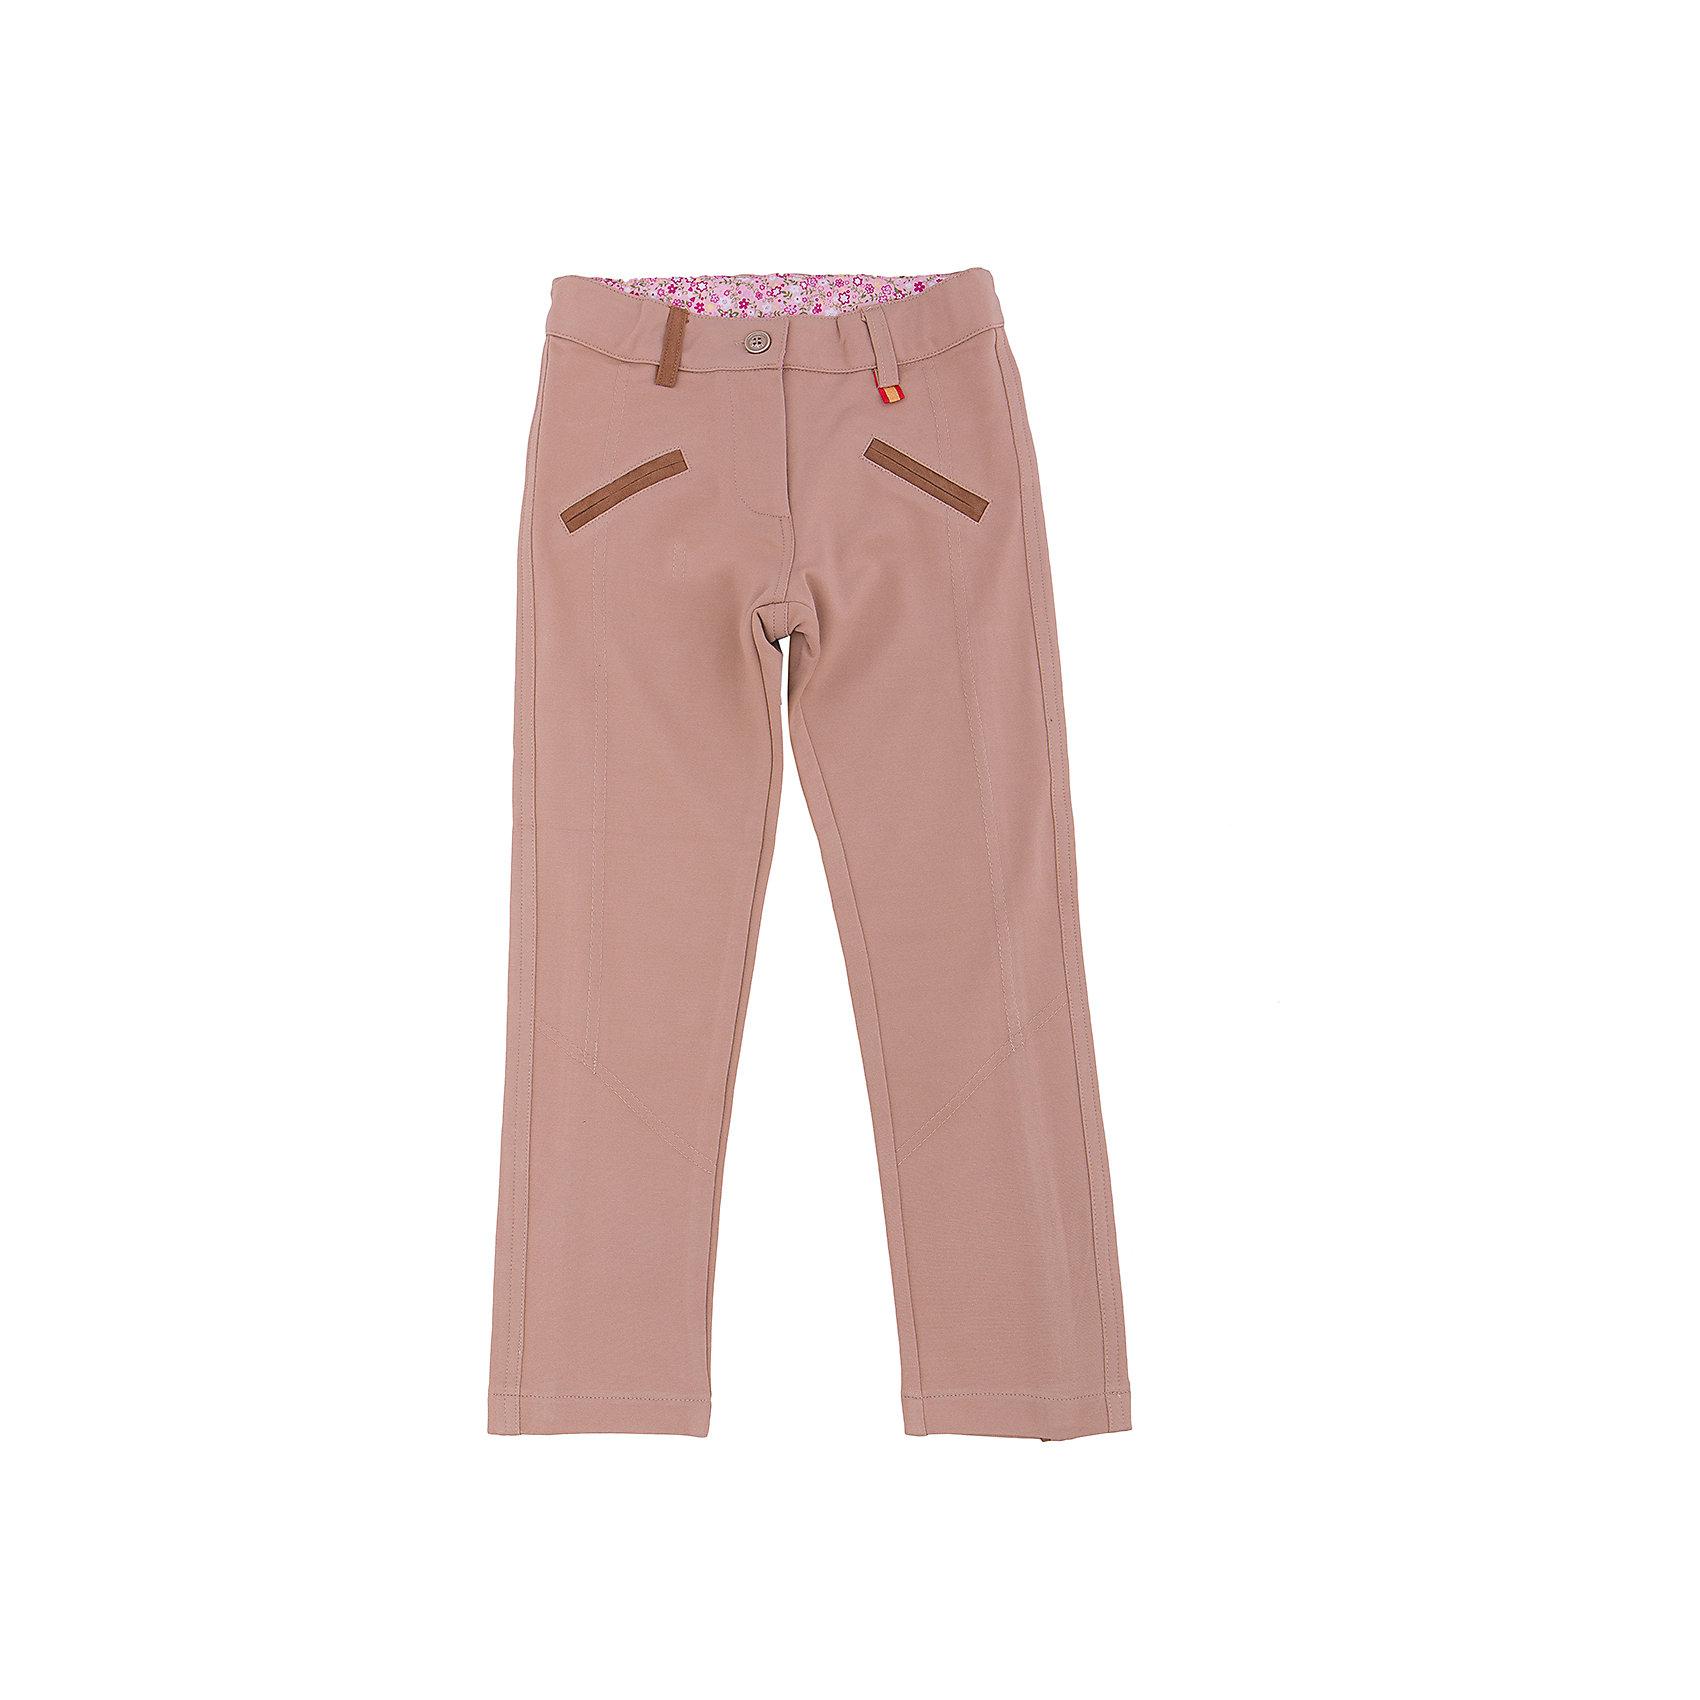 Брюки для девочки Sweet BerryЭта модель брюк отличается модным дизайном и универсальной расцветкой. Удачный крой обеспечит ребенку комфорт и тепло. Плотный материал делает вещь идеальной для прохладной погоды. Она хорошо прилегает к телу там, где нужно, и отлично сидит по фигуре. Натуральный хлопок в составе материала обеспечит коже возможность дышать и не вызовет аллергии. В поясе - мягкая резинка.<br>Одежда от бренда Sweet Berry - это простой и выгодный способ одеть ребенка удобно и стильно. Всё изделия тщательно проработаны: швы - прочные, материал - качественный, фурнитура - подобранная специально для детей.<br><br>Дополнительная информация:<br><br>цвет: бежевый;<br>состав: 95% хлопок, 5% эластан, трикотаж;<br>в поясе - мягкая резинка;<br>декорированы рельефными швами и контрастным кантом под замшу.<br><br>Брюки для девочки от бренда Sweet Berry можно купить в нашем интернет-магазине.<br><br>Ширина мм: 215<br>Глубина мм: 88<br>Высота мм: 191<br>Вес г: 336<br>Цвет: бежевый<br>Возраст от месяцев: 24<br>Возраст до месяцев: 36<br>Пол: Женский<br>Возраст: Детский<br>Размер: 122,128,98,104,110,116<br>SKU: 4931402